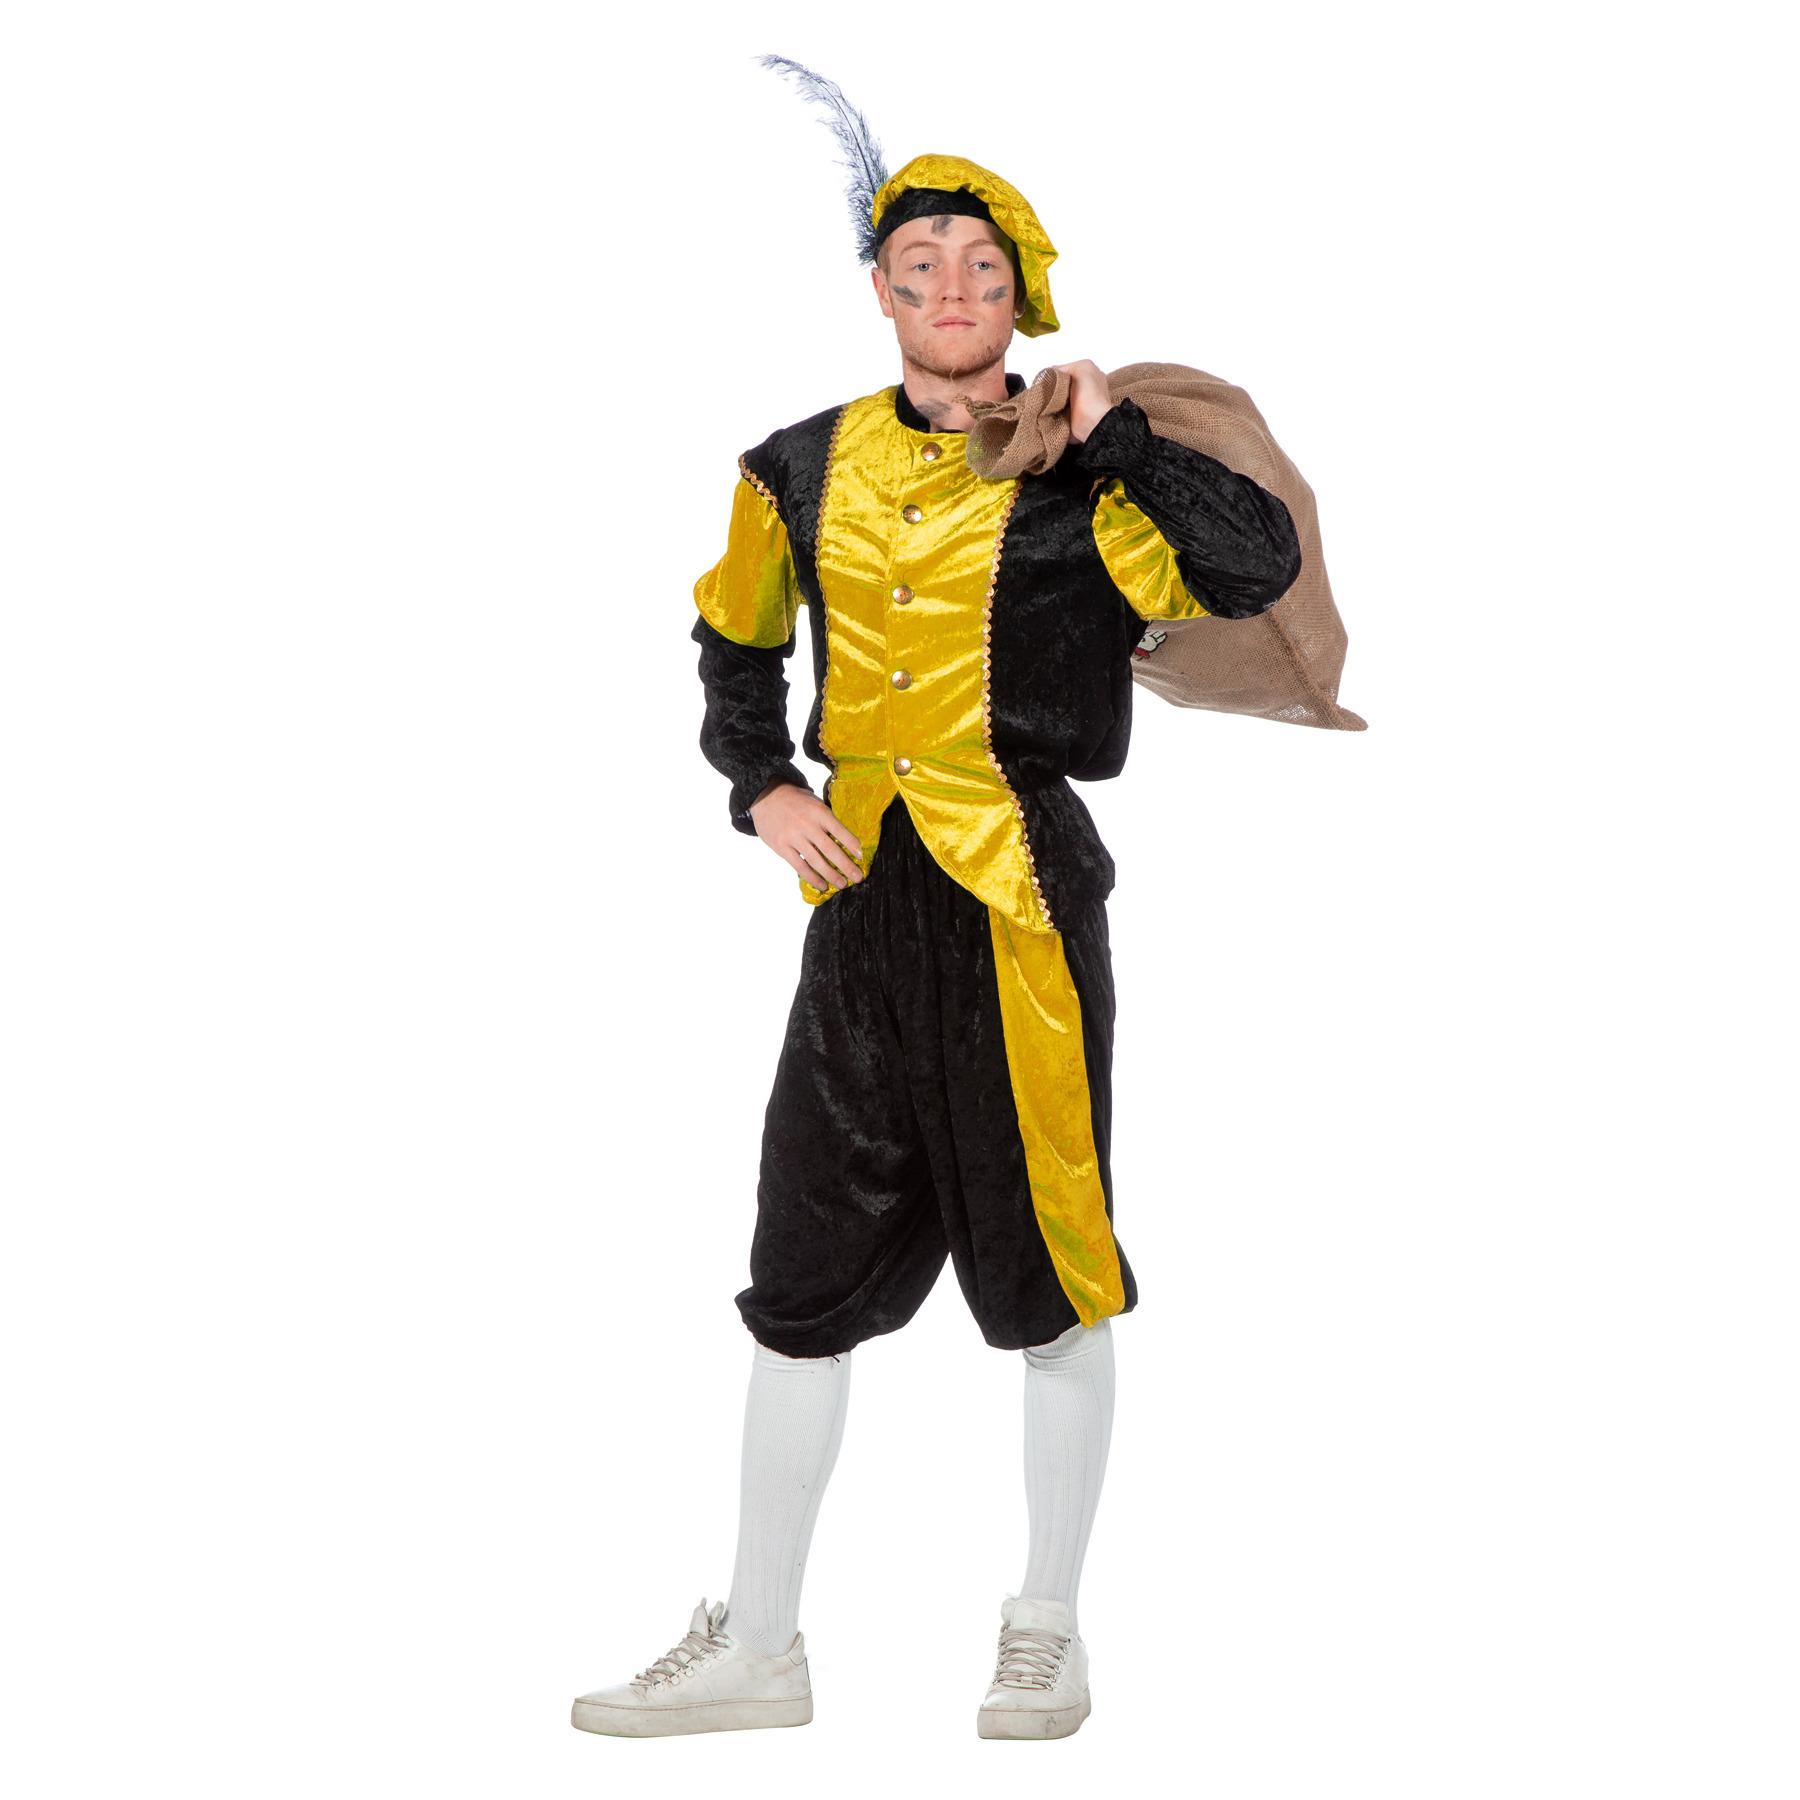 Merkloos Geel/zwart pieten kostuum budget